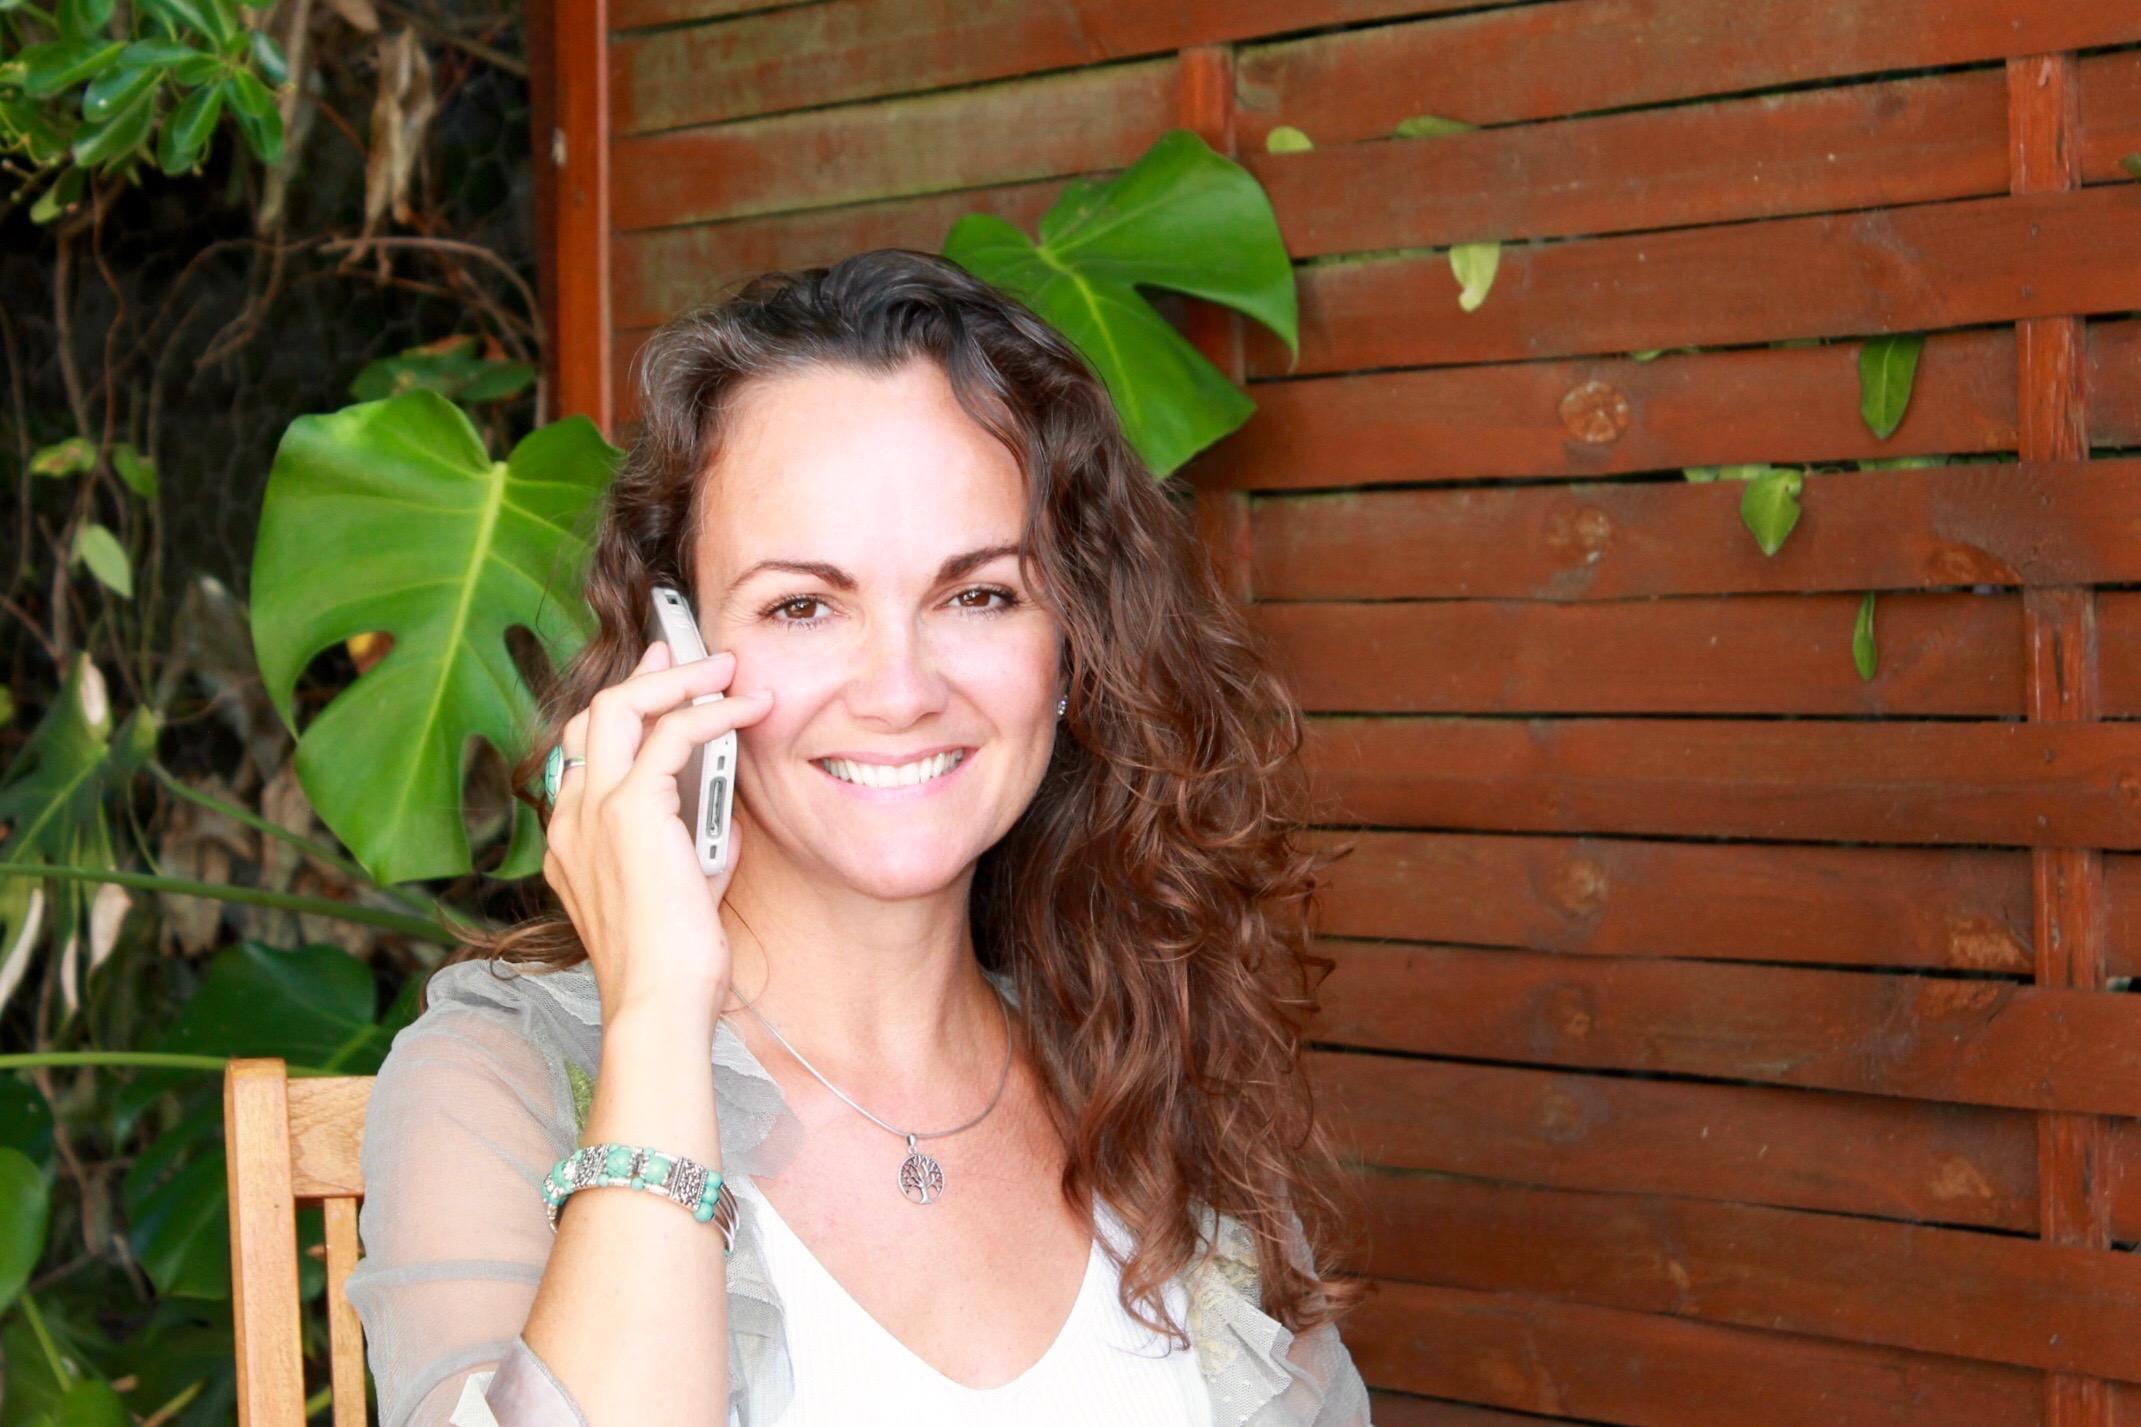 Céline Frontera, lutter contre l'absentéisme, le burn-out et le stress au travail